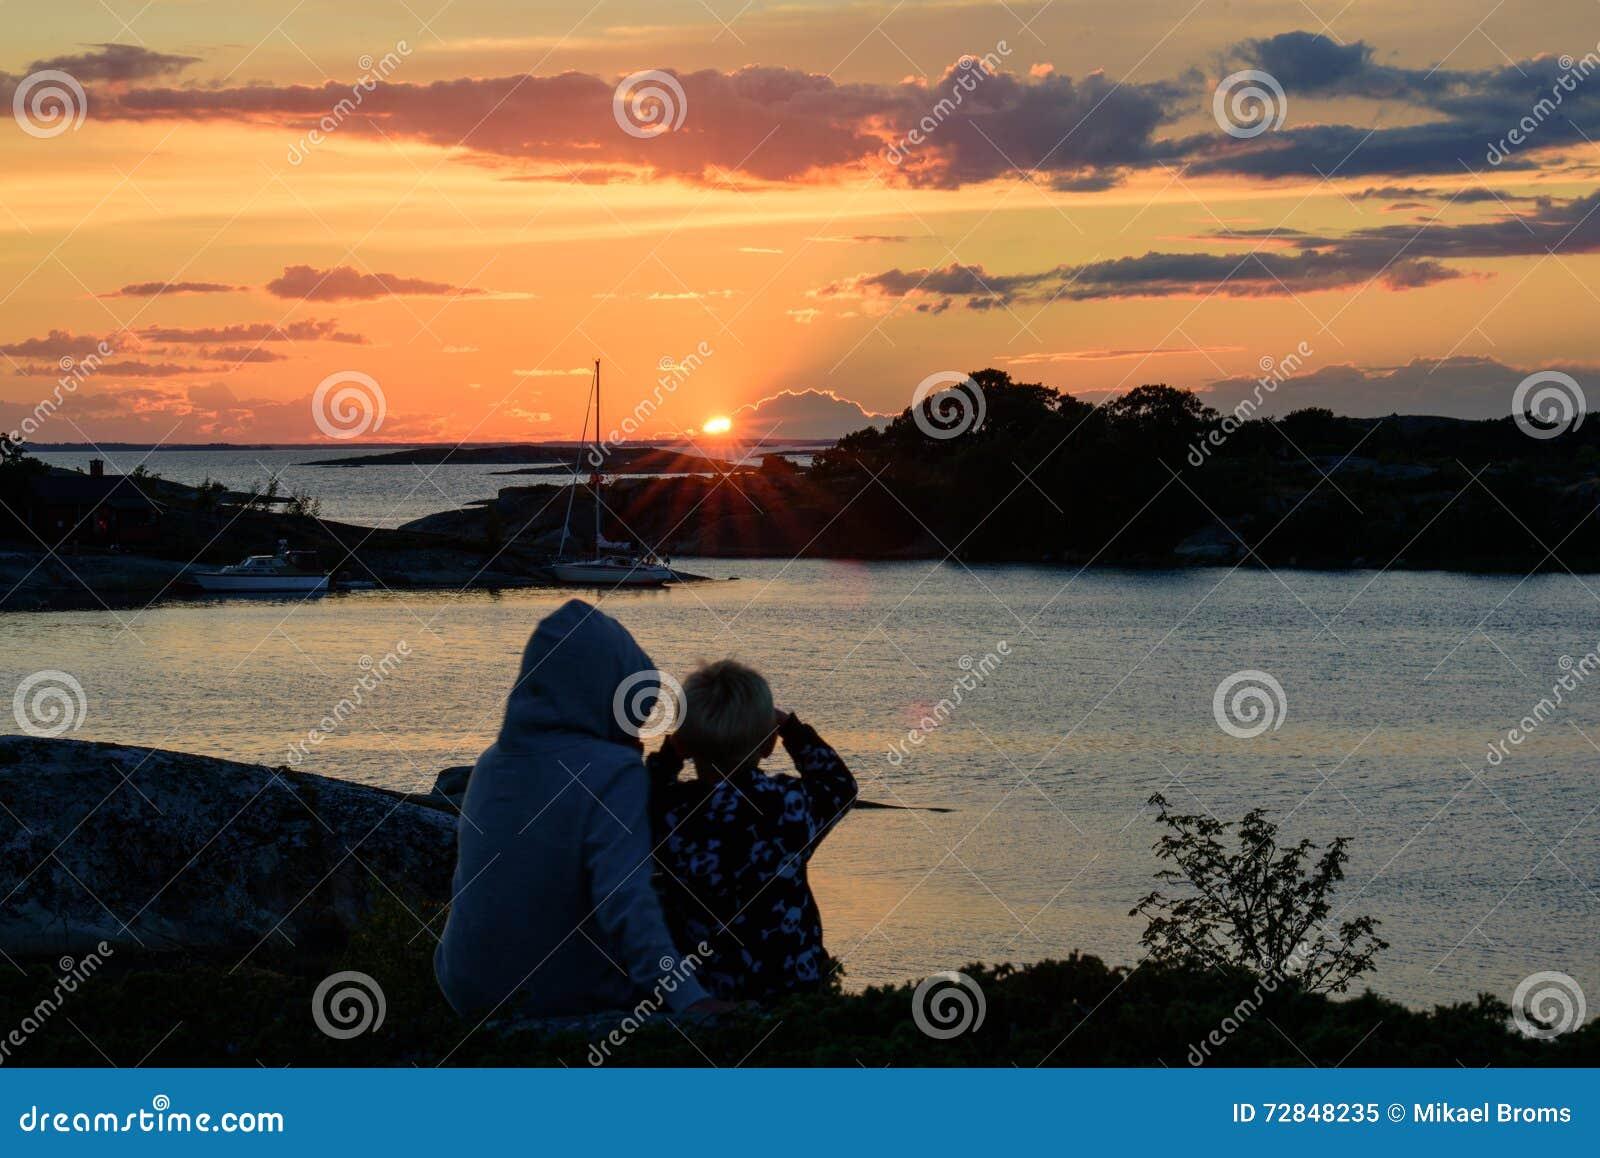 Στο wacth για ένα ηλιοβασίλεμα αρχιπελαγών